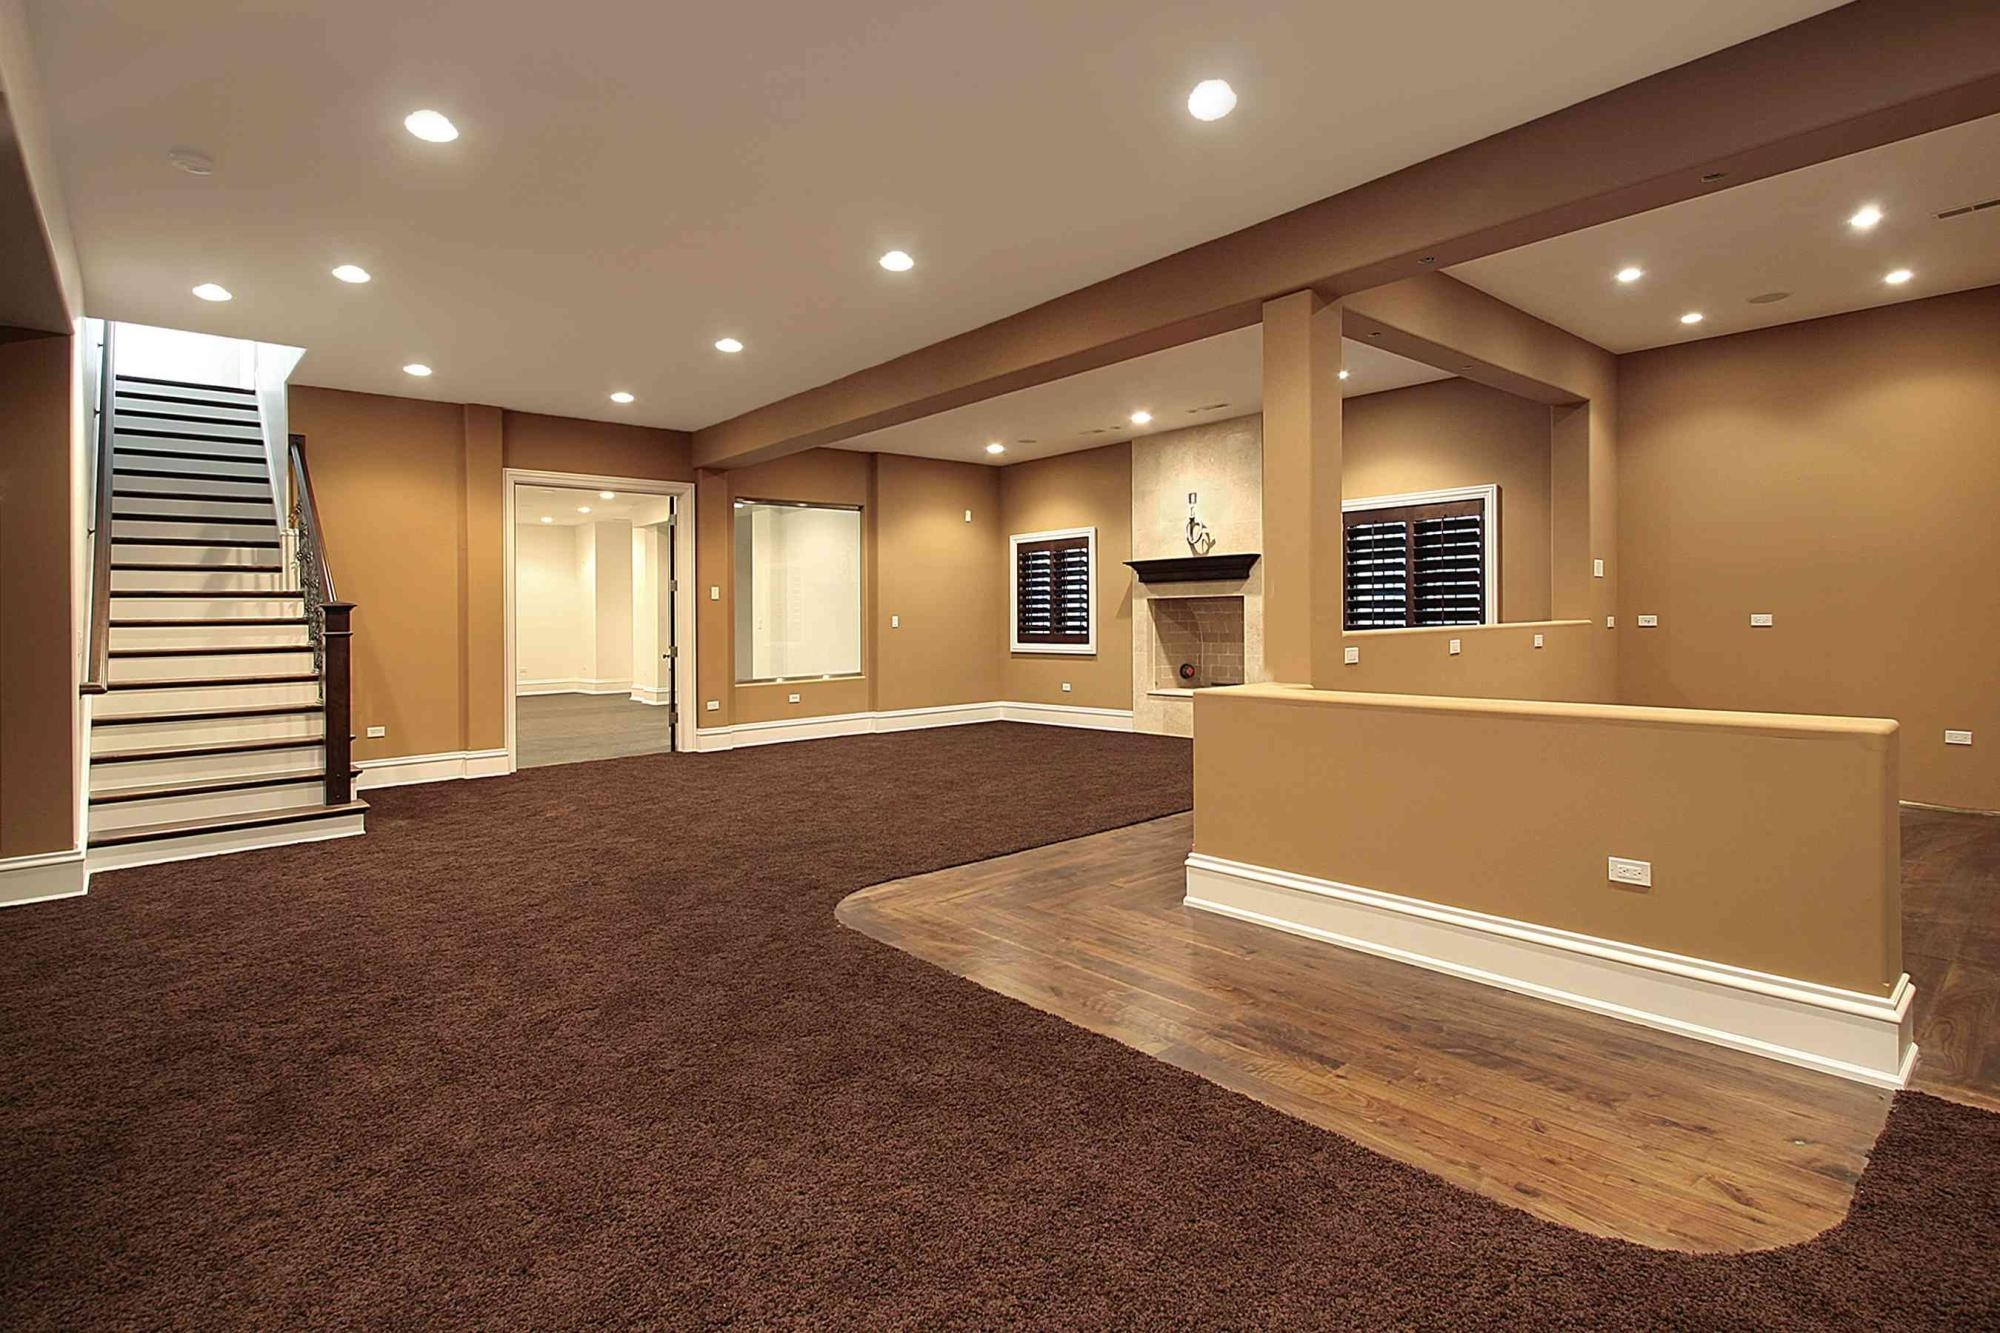 Leveling Basement Floor For Carpet